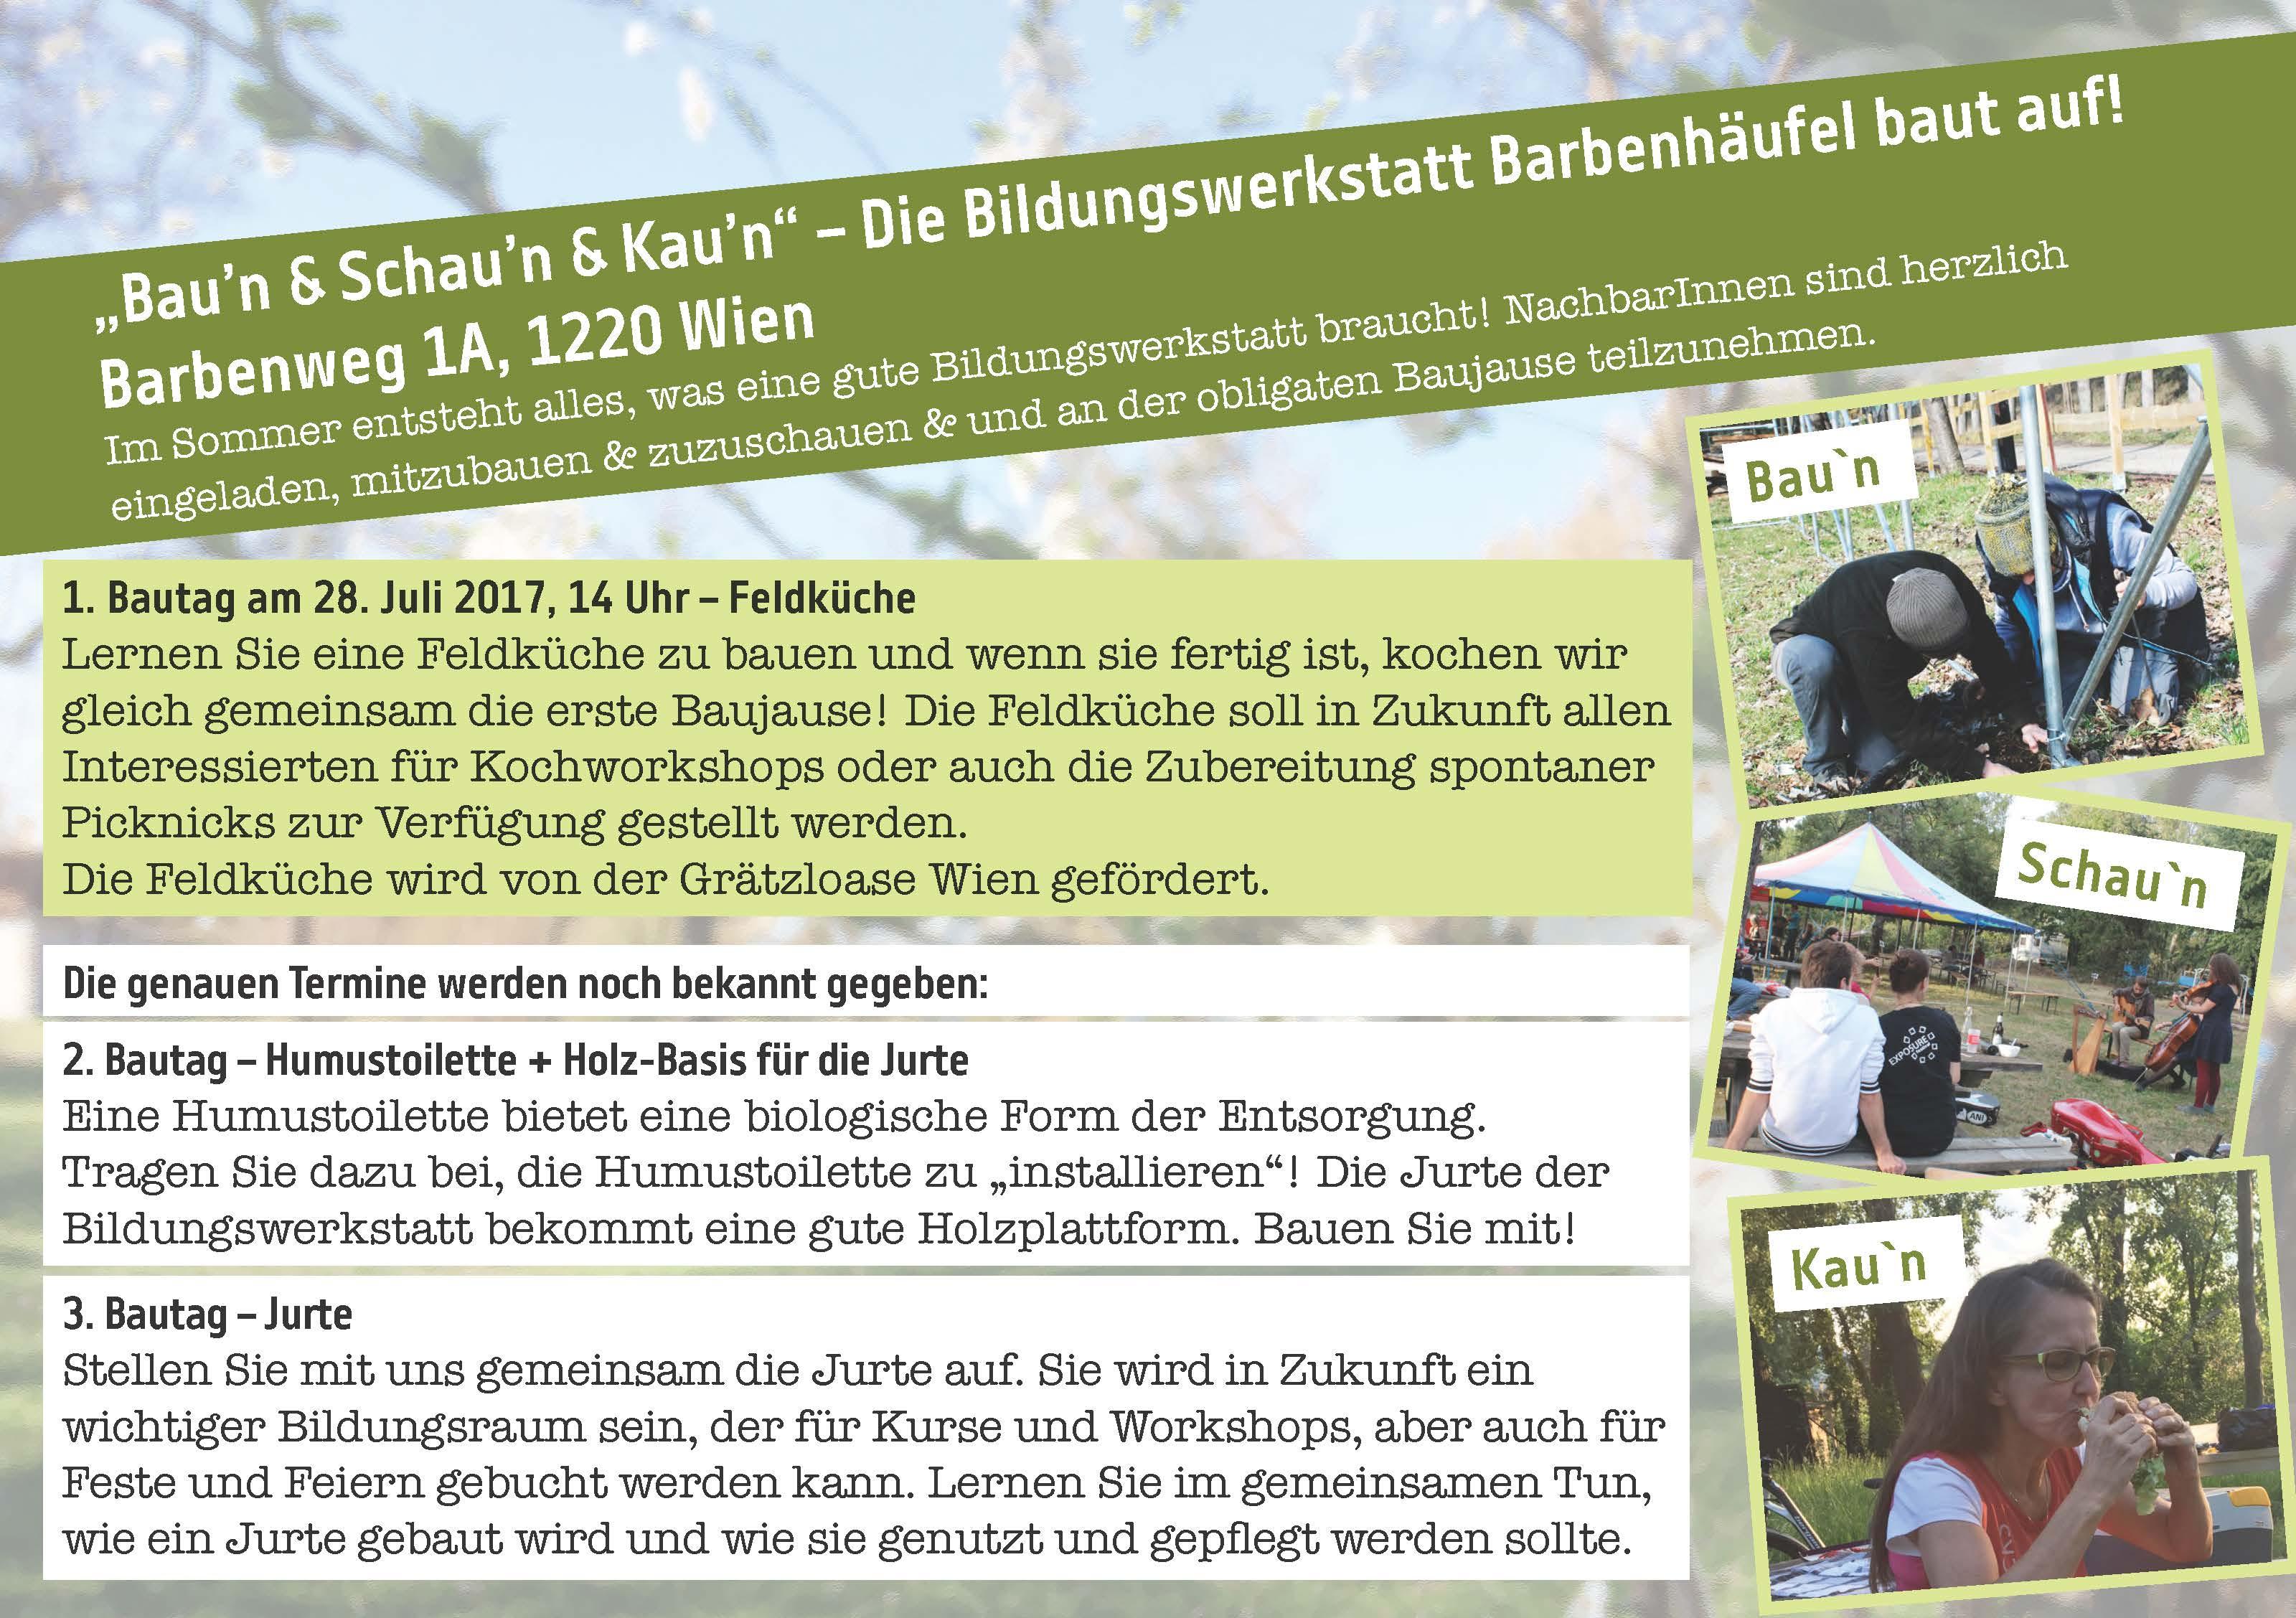 Die Feldküche Wird Von Der Grätzloase Wien Gefördert.